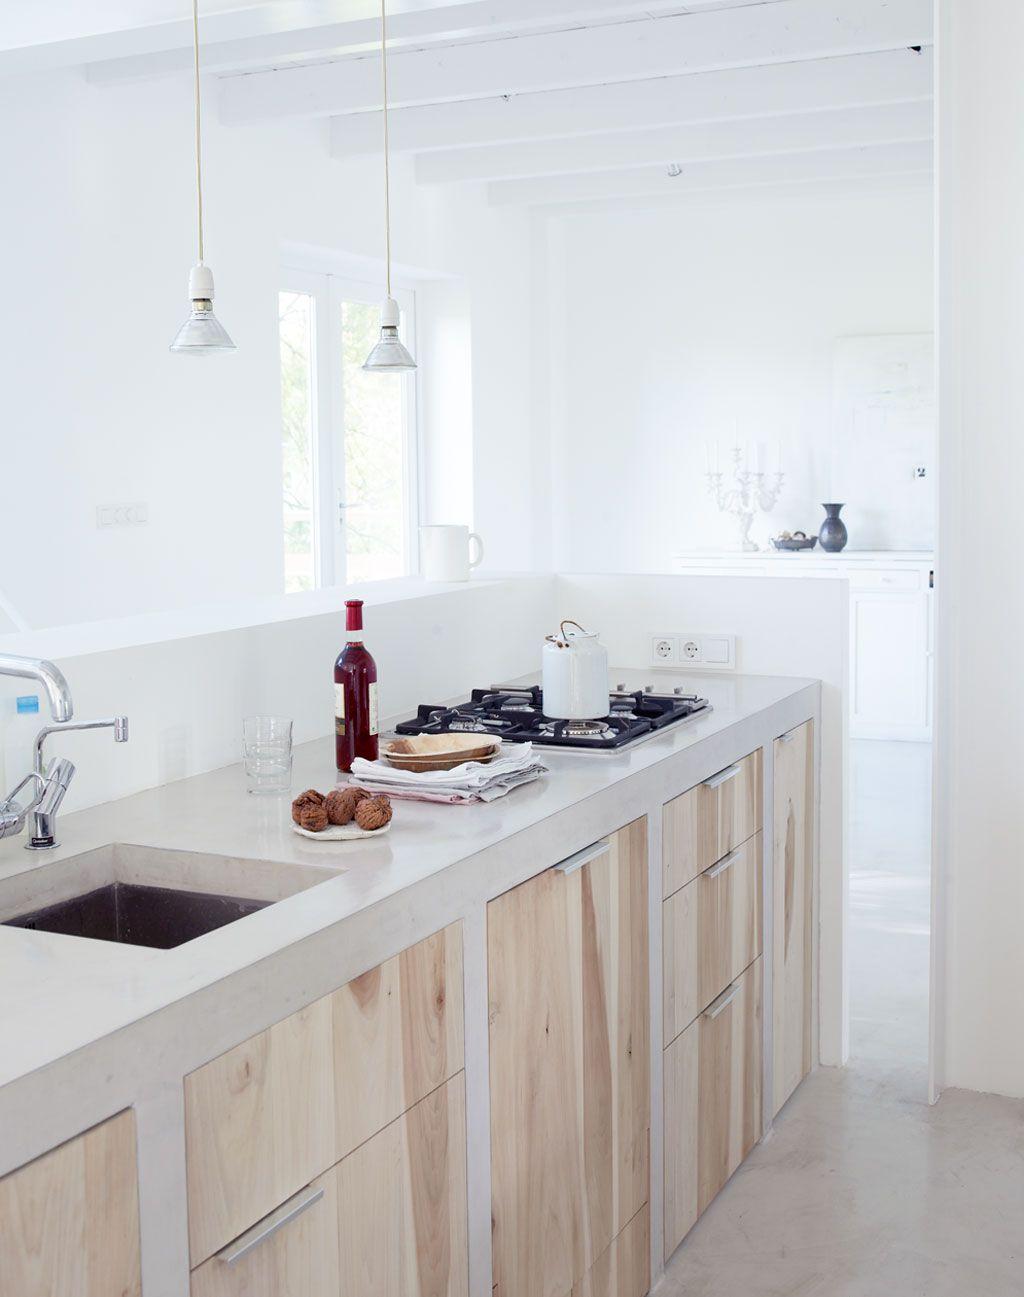 keuken beton met hout wohnen pinterest betonk che beton design und k che. Black Bedroom Furniture Sets. Home Design Ideas